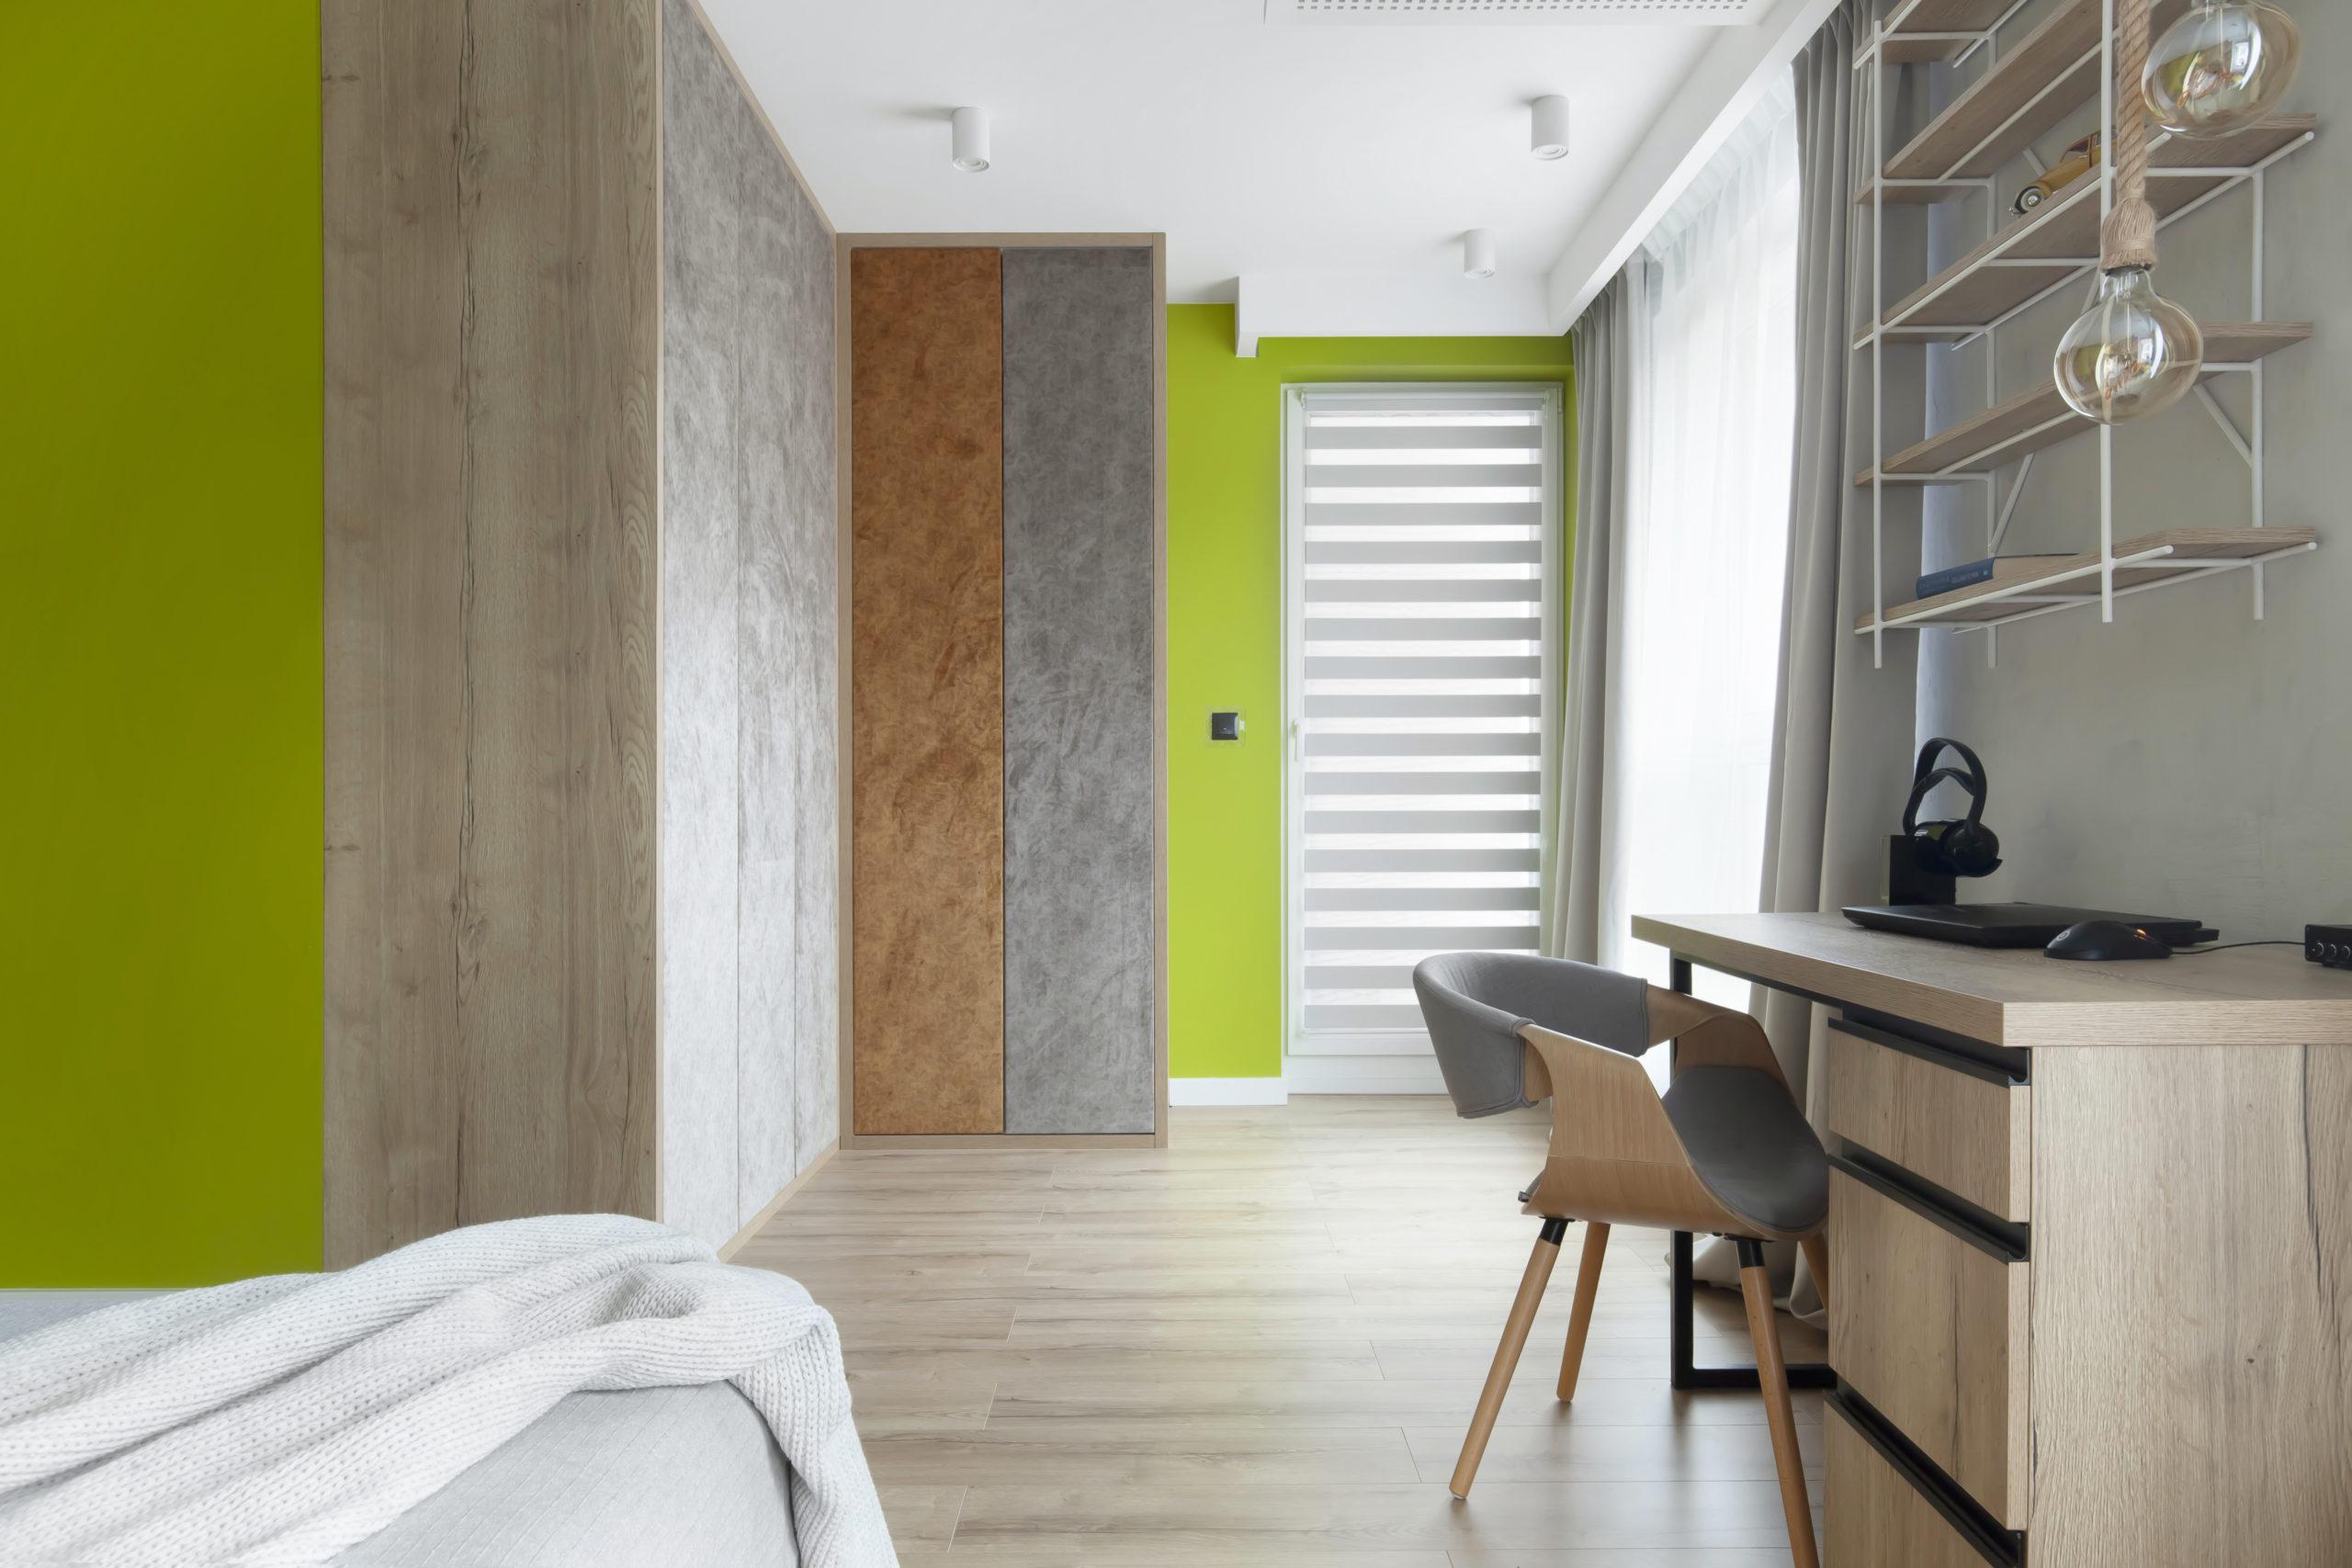 garderoba i miejsce do pracy w sypialni